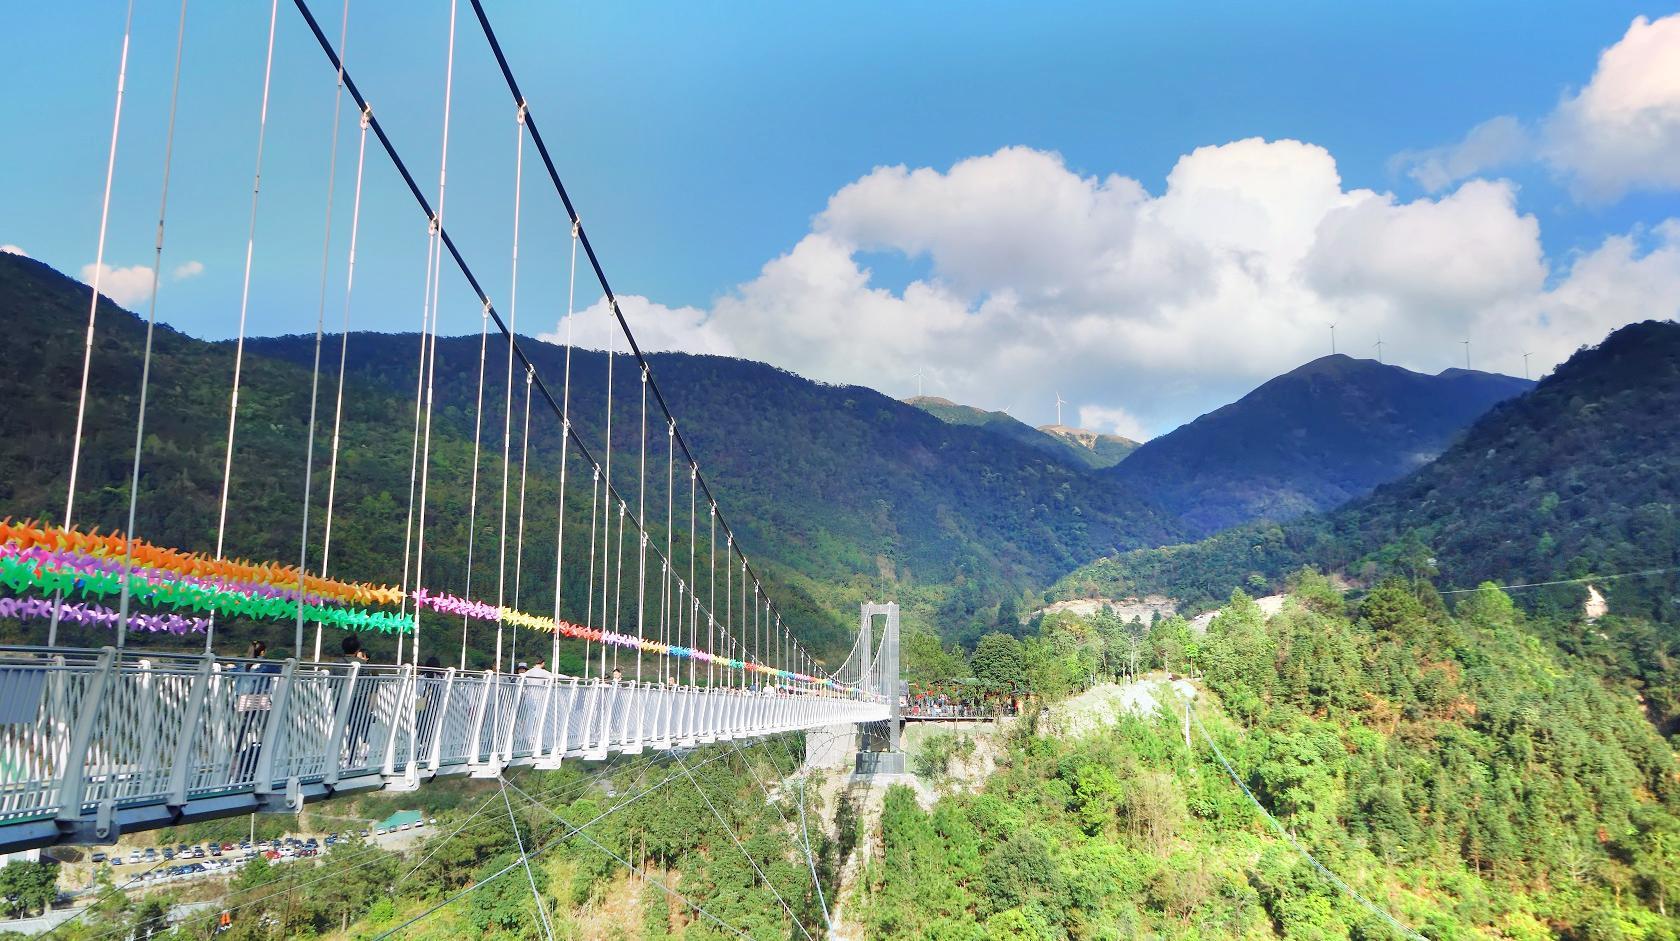 新興天露山旅遊度假區